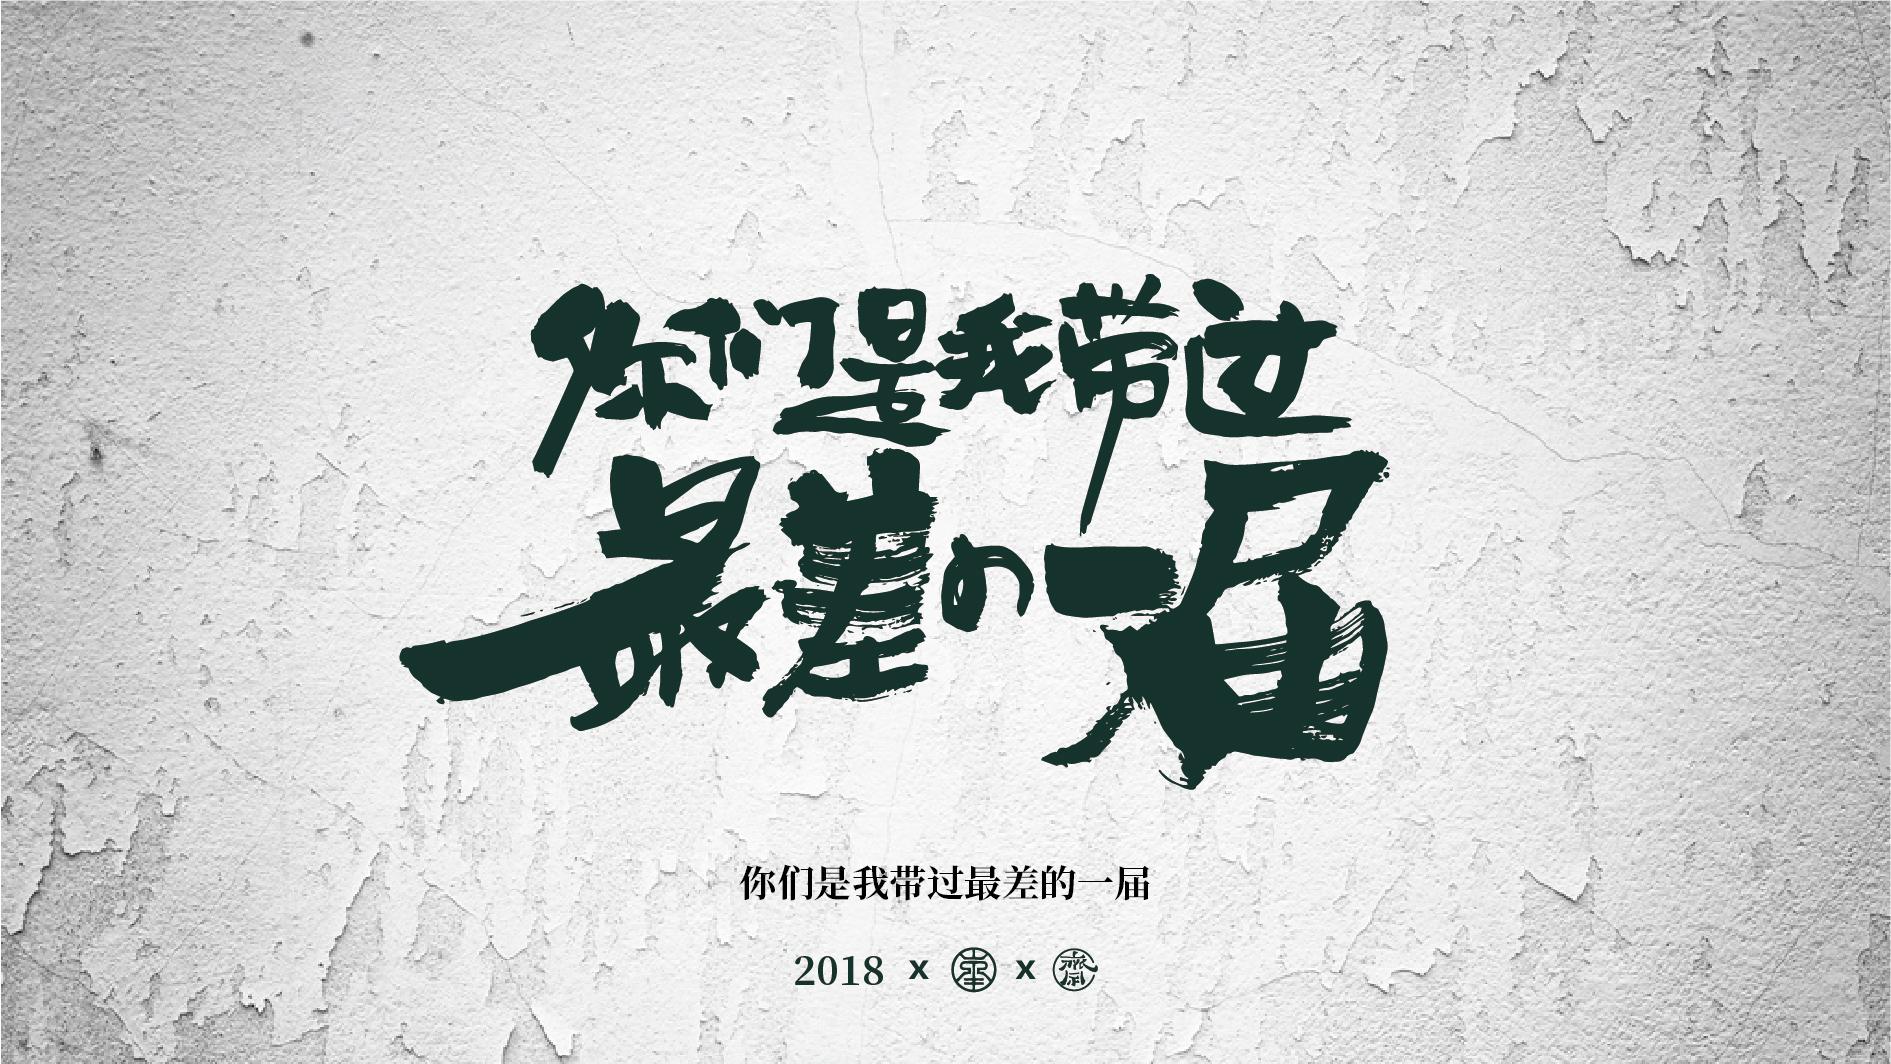 超超大神手写毛笔字第1波 之教师节系列插图(9)